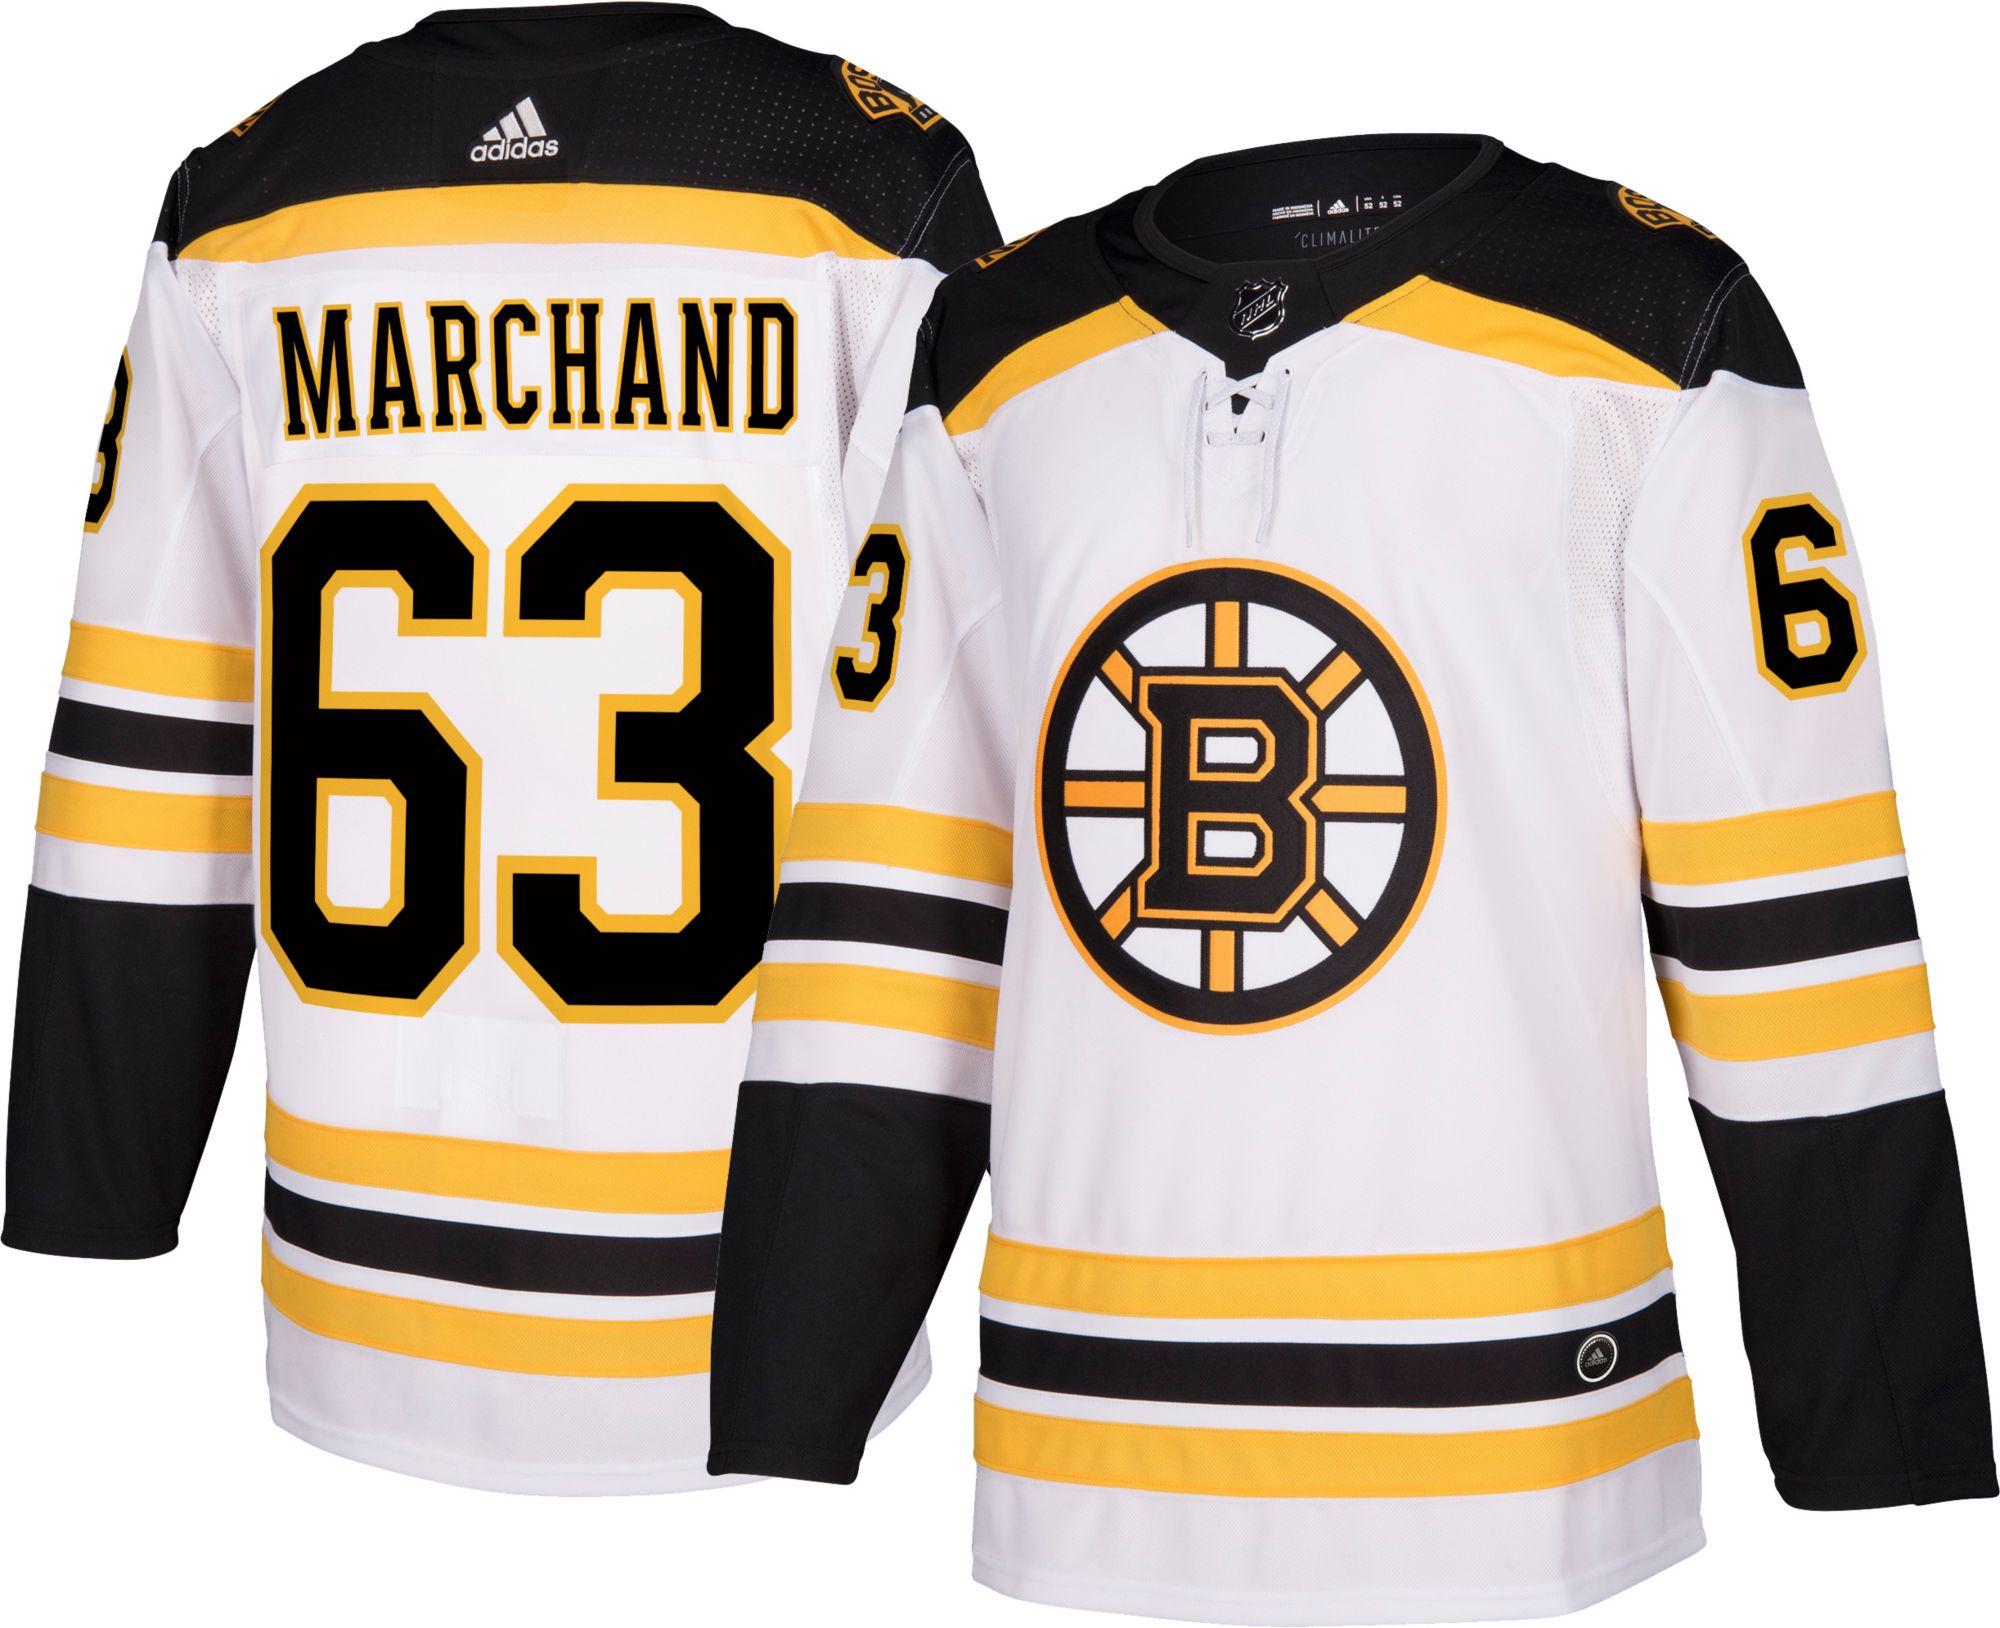 e6bc37fe3 63 brad marchand jersey found